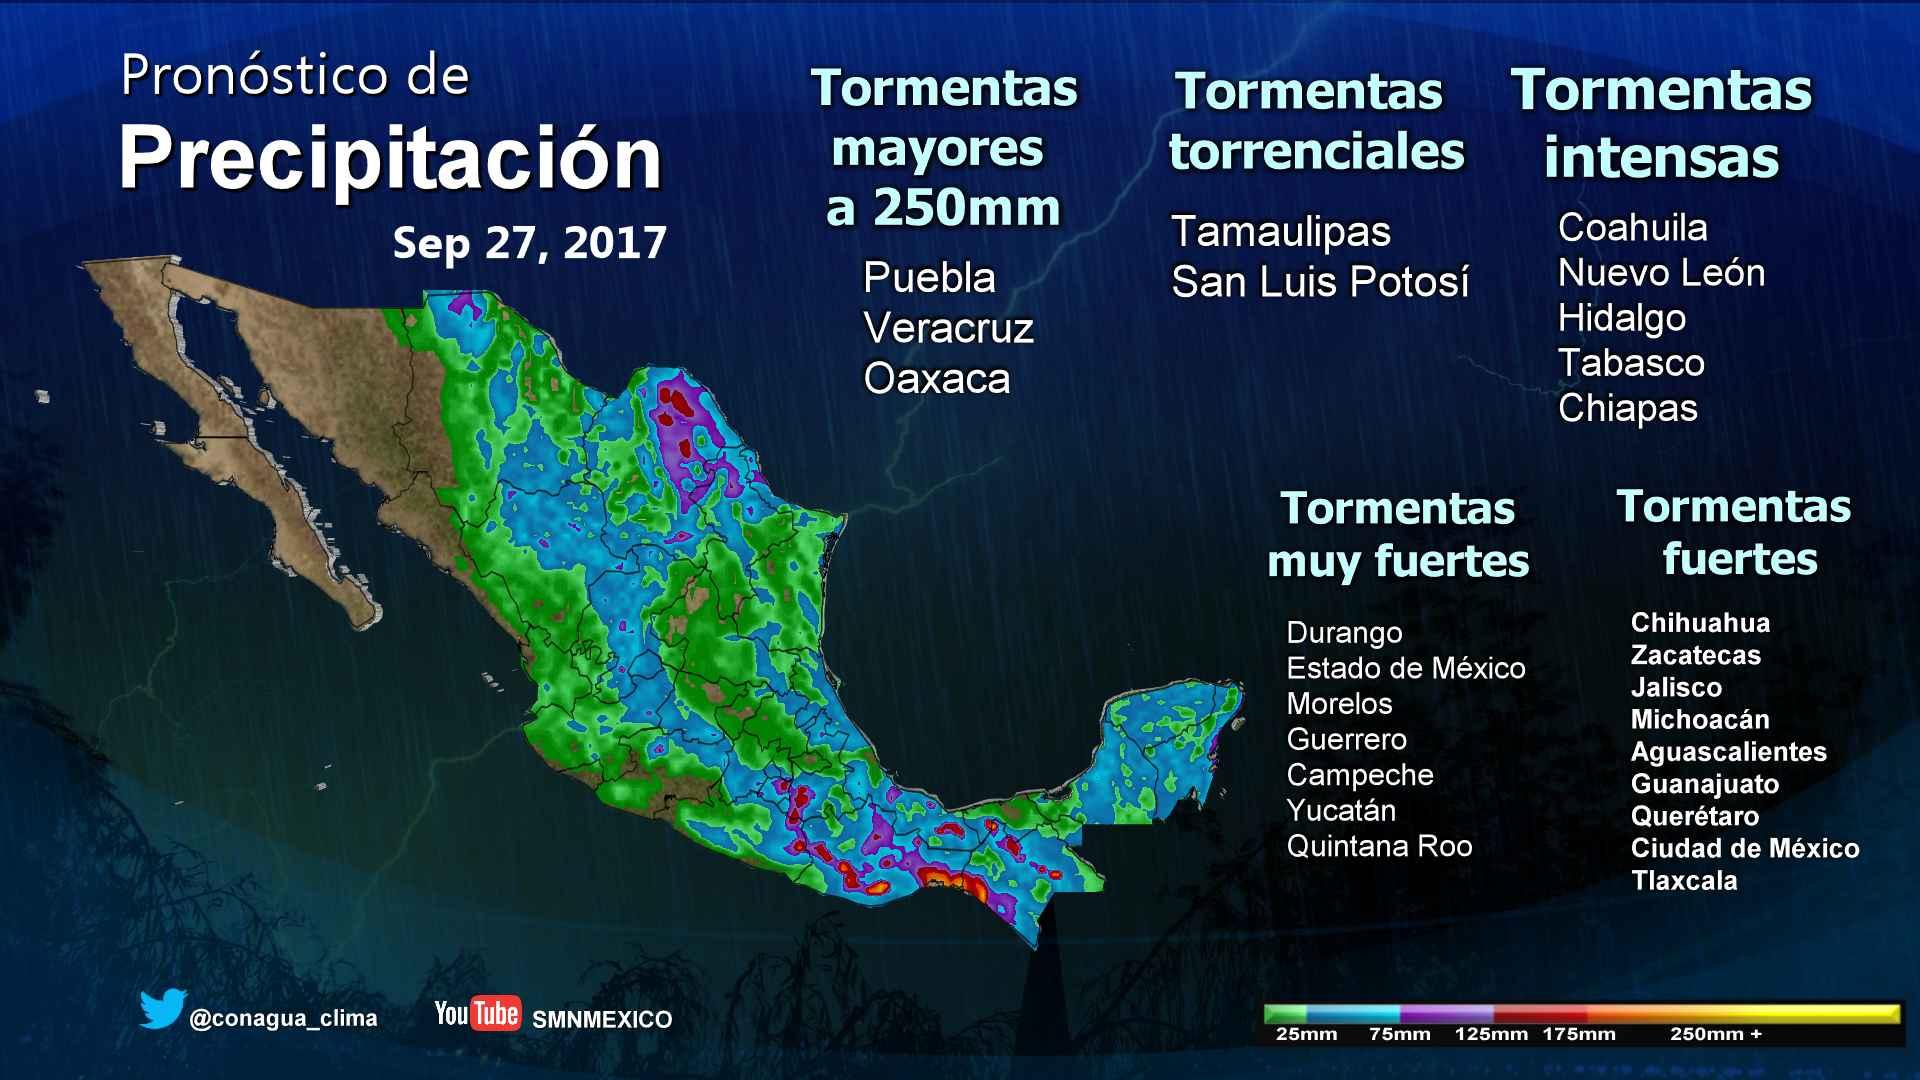 En Puebla, Veracruz y Oaxaca, se prevén tormentas superiores a 250 mm